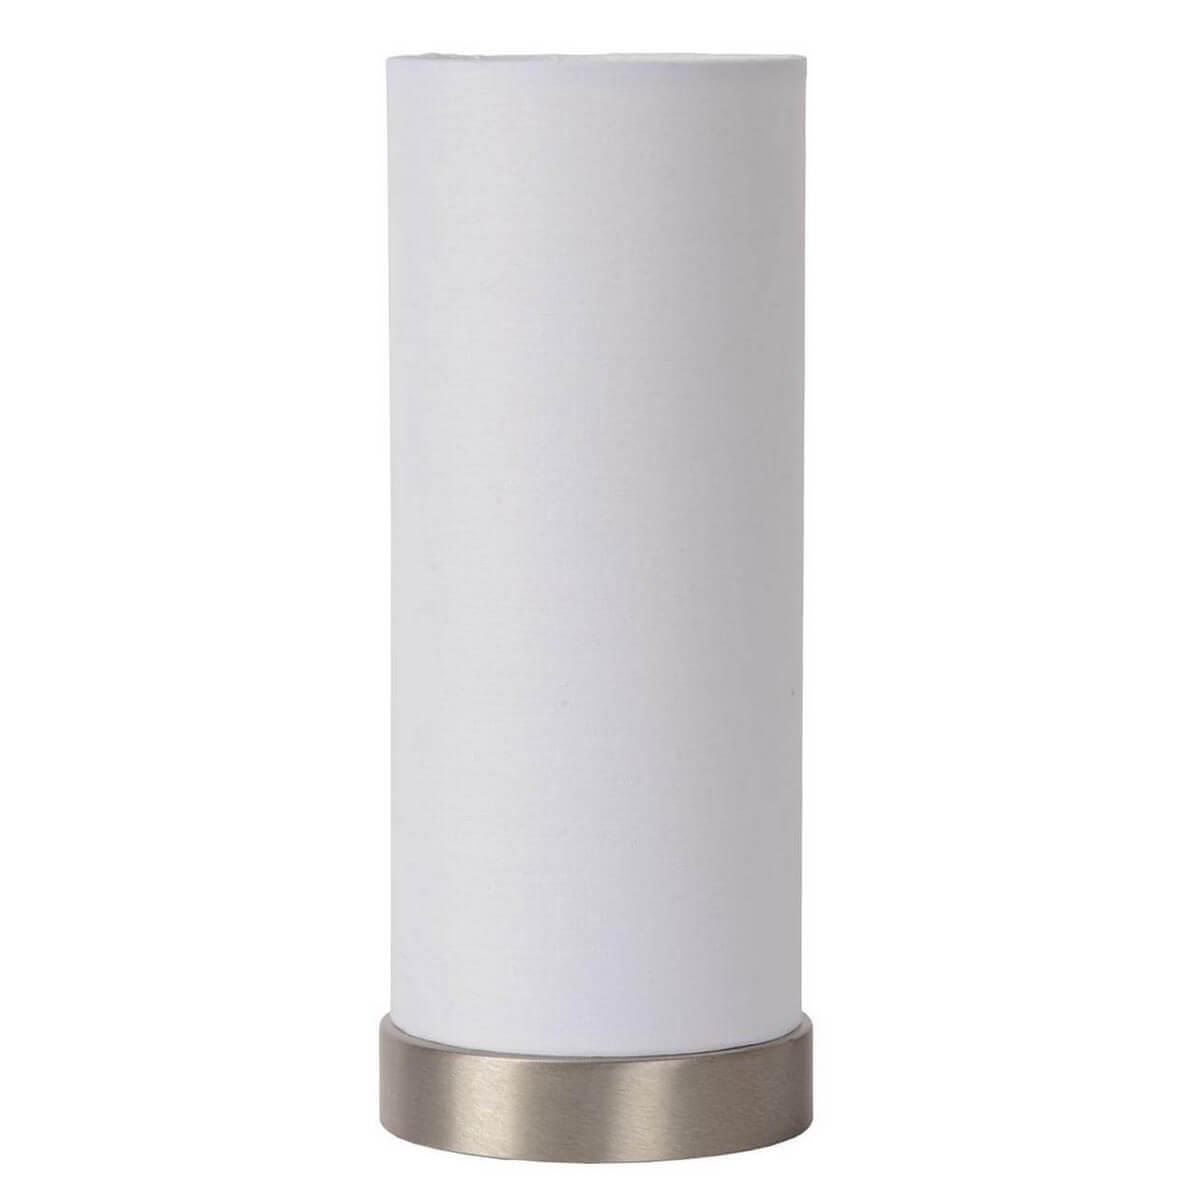 Настольная лампа Lucide 03508/01/31 Tubi lucide настольная лампа lucide ferova 30577 01 19